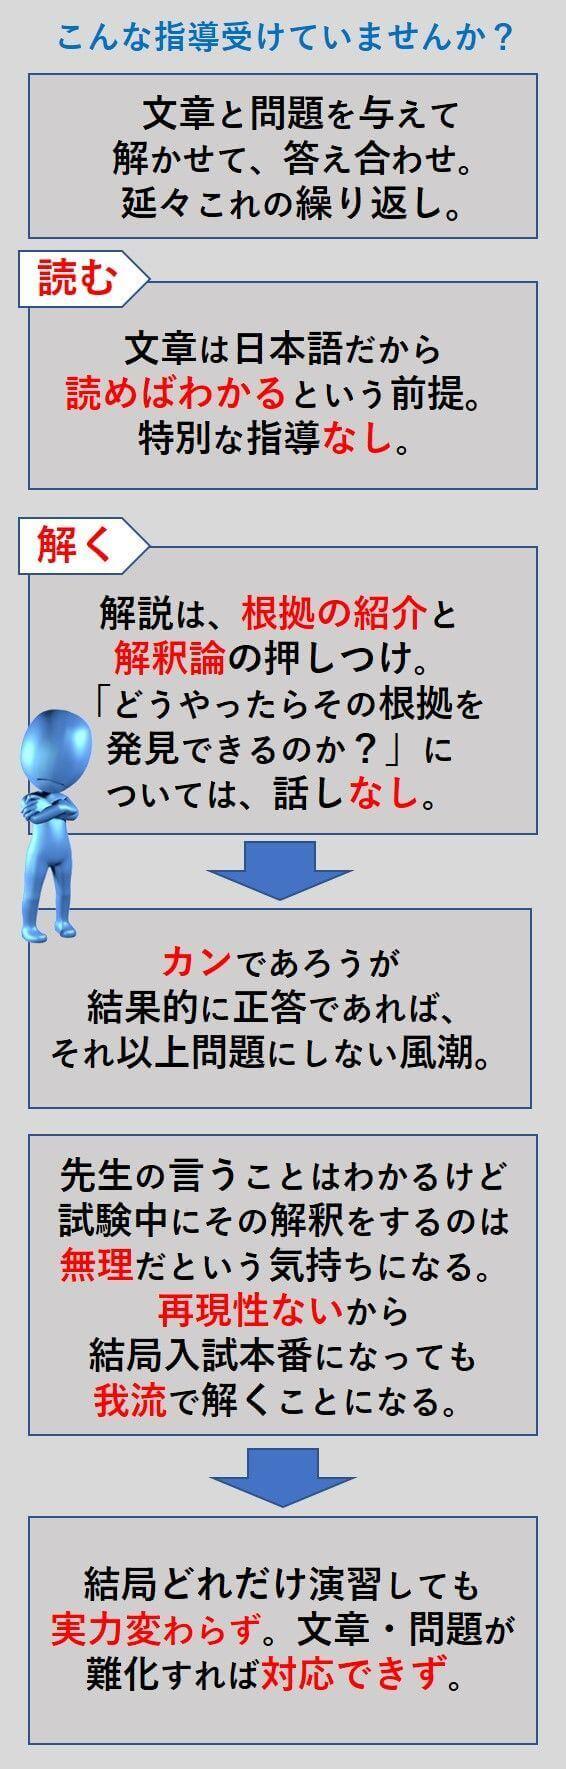 国語長文読解の一般指導とセルフィン式の比較一般指導